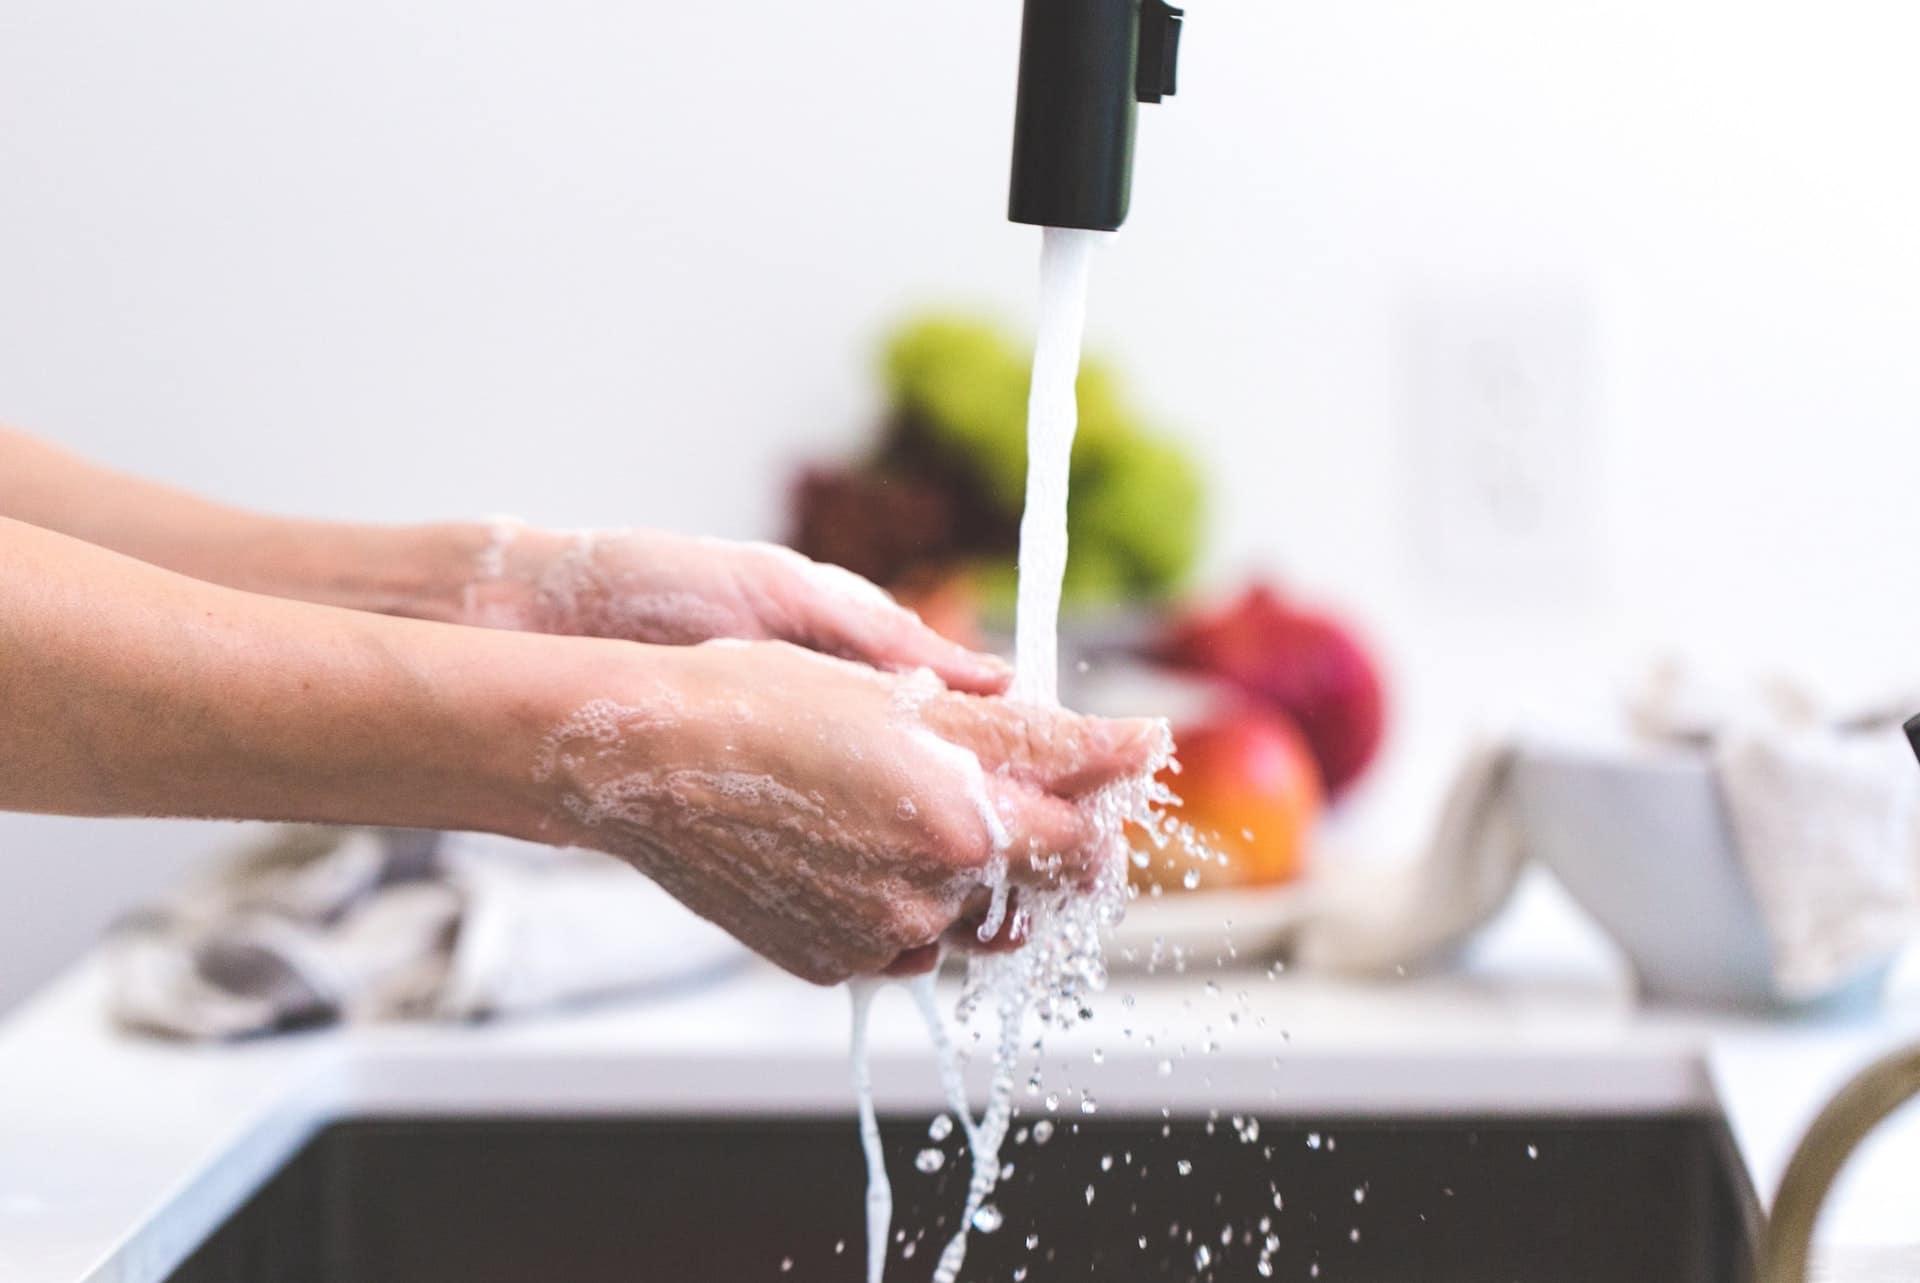 photo of women washing hands thoroughly fulfilling coronavirus safety precautions